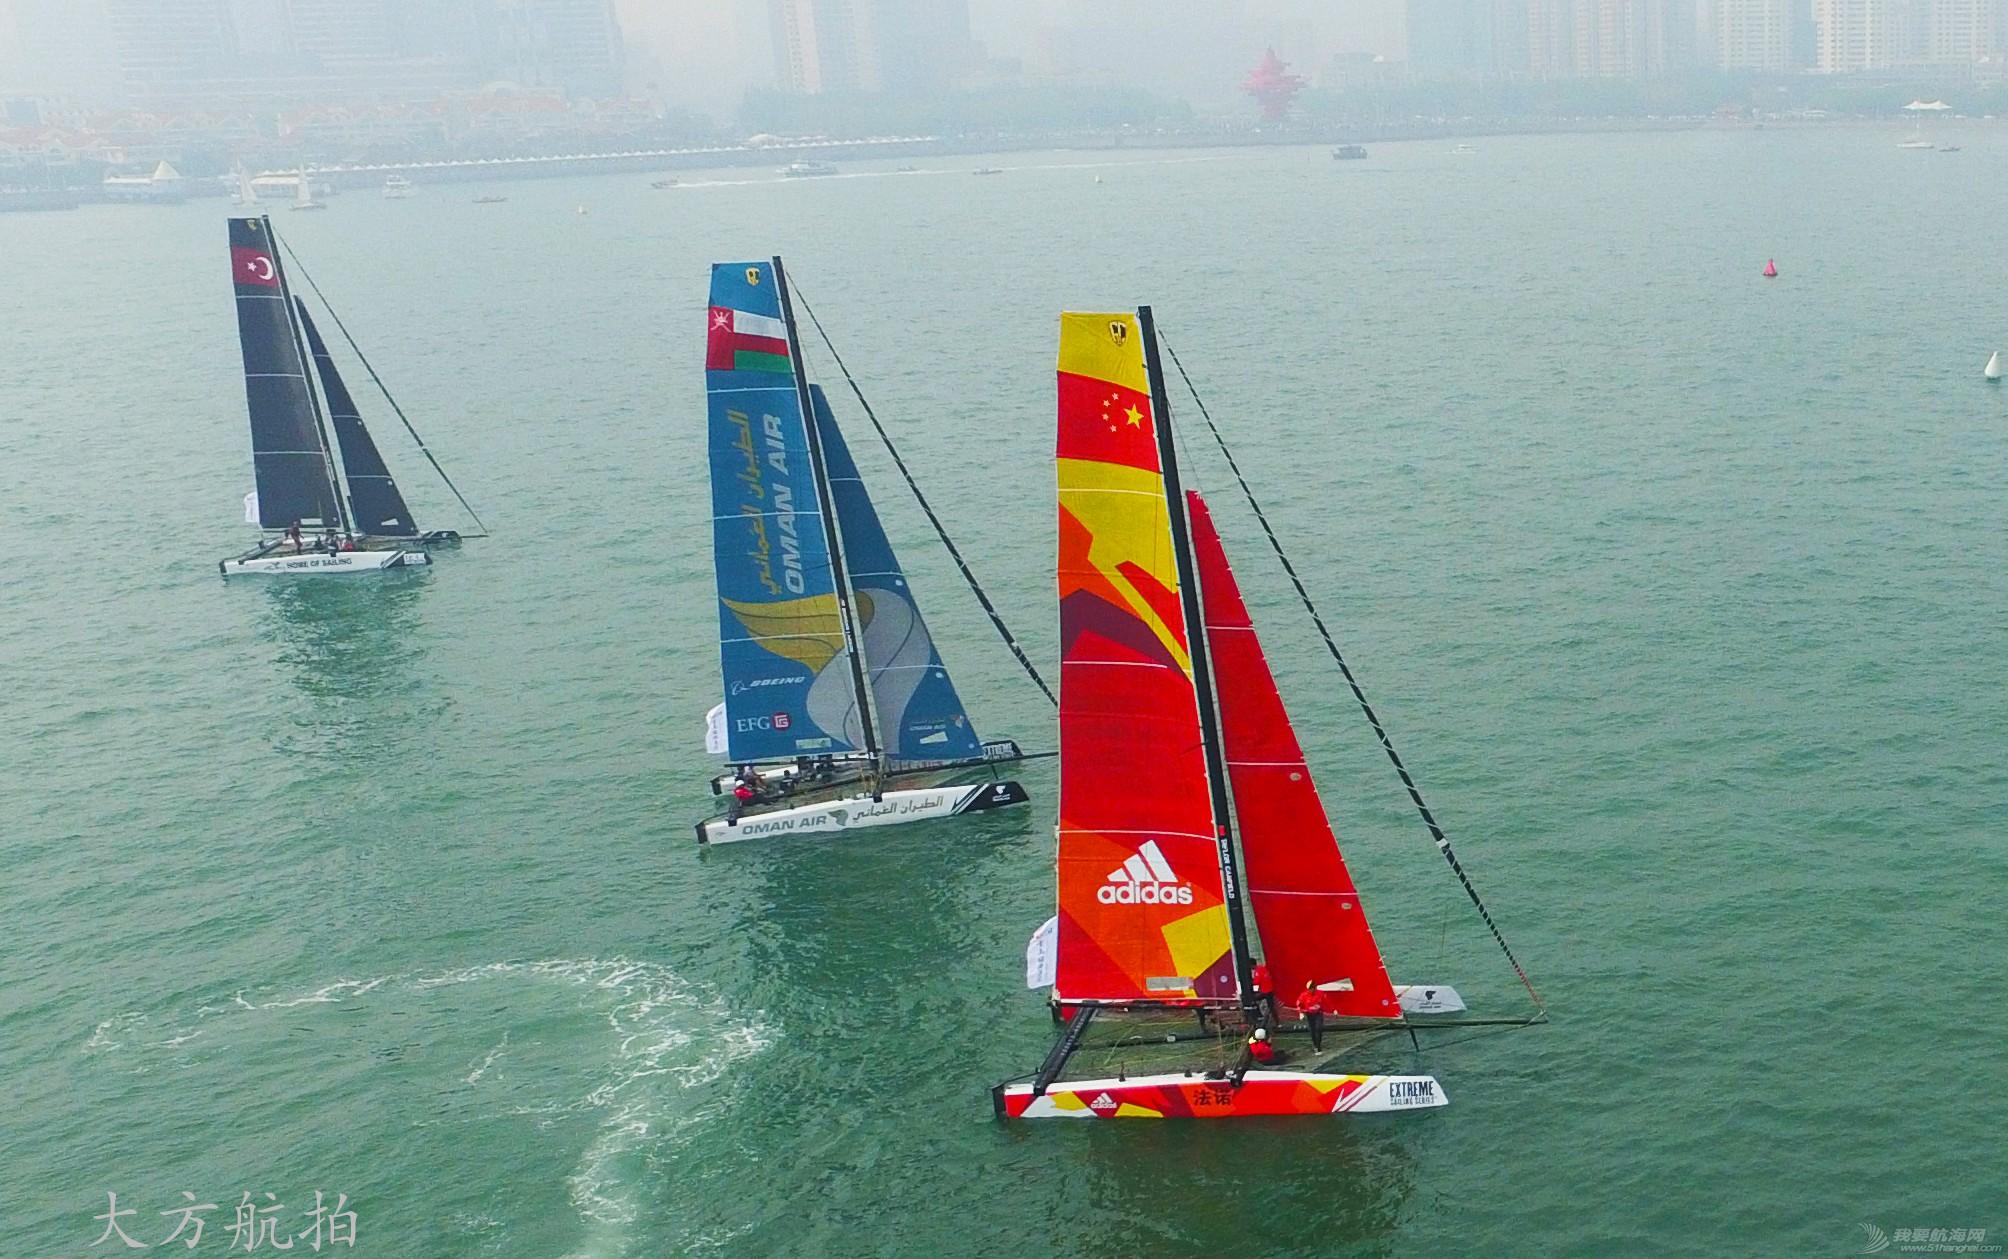 系列赛,青岛,帆船,国际,极限 2016国际极限帆船系列赛青岛站--大方航拍 DJI_0272.JPG